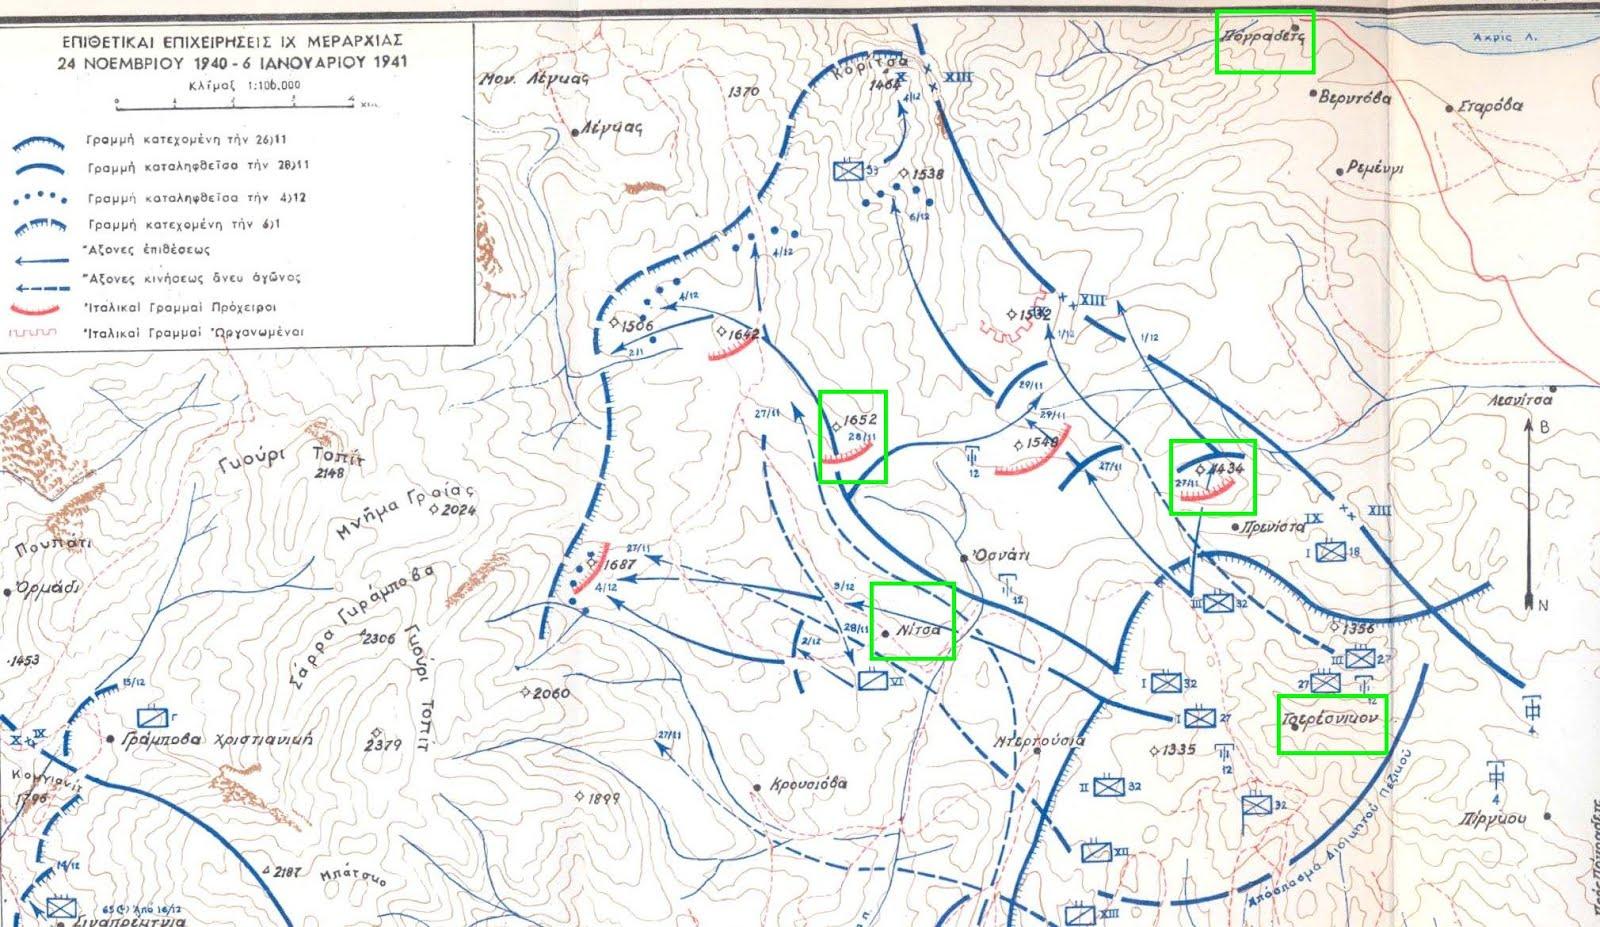 Χαρτης Κάμια-Πογραδετς